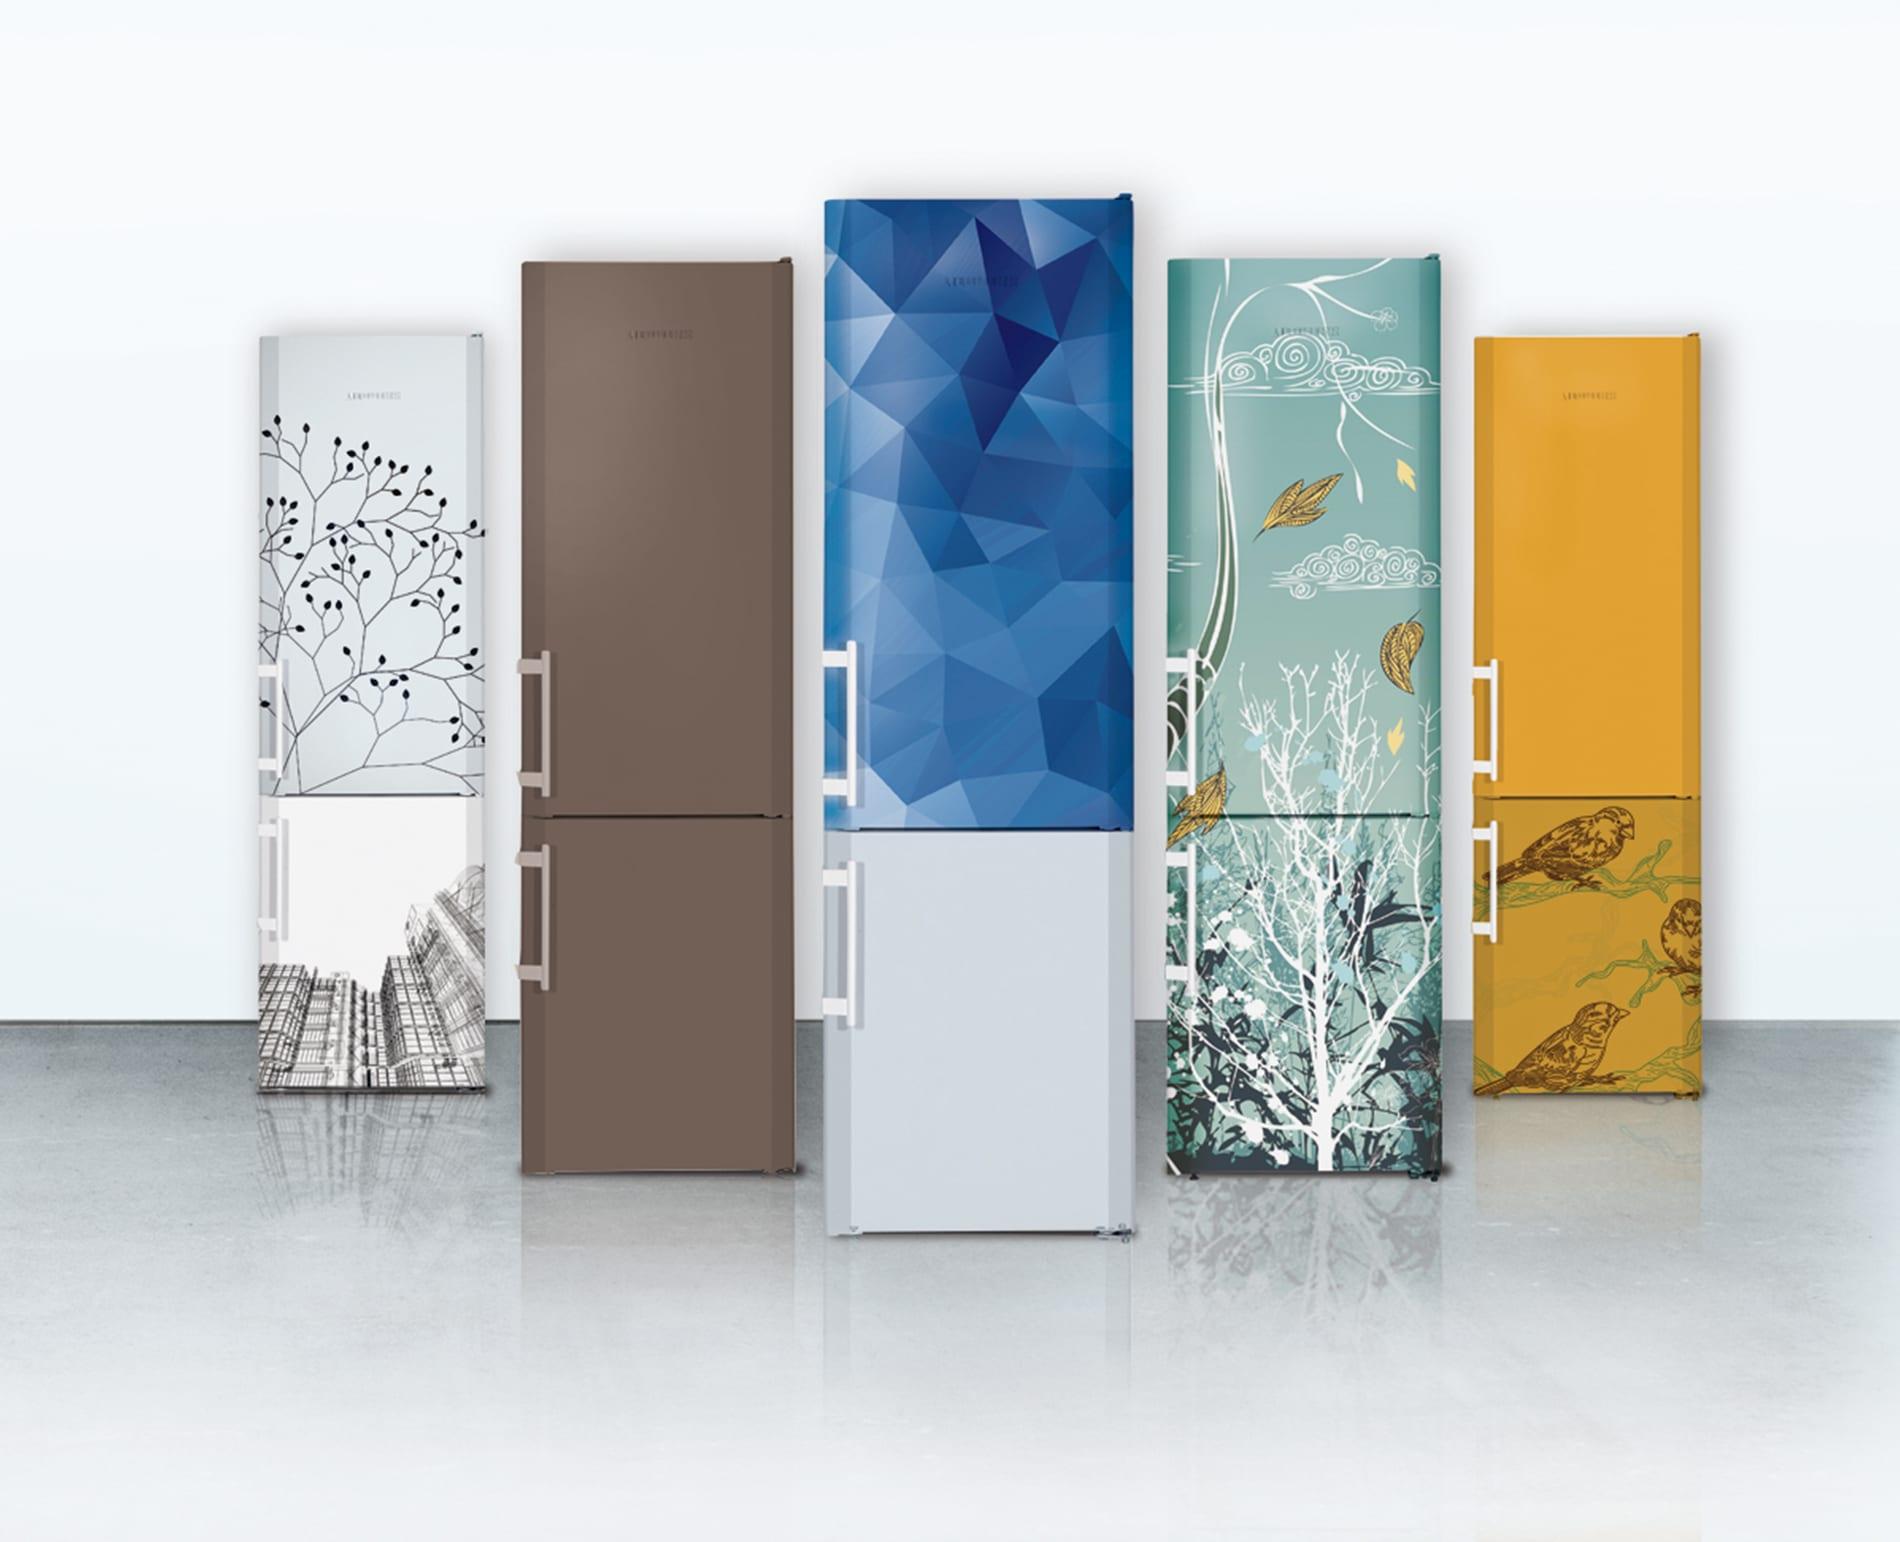 Творческо предизвикателство от Либхер: създайте свой собствен дизайнерски хладилник!